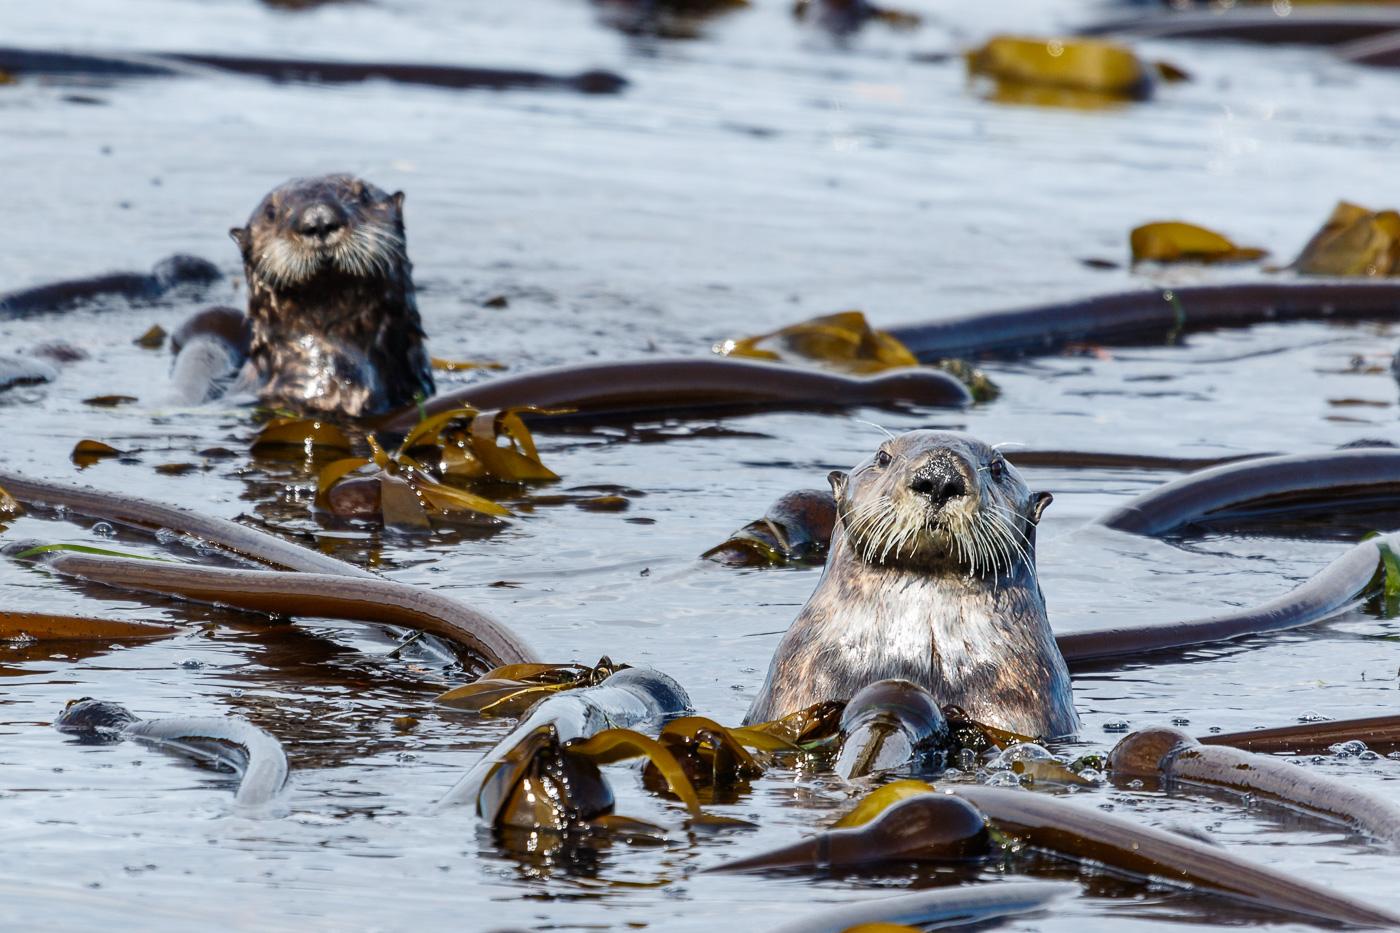 Sea Otter (Enhydra lutris), Vancouver island, Canada. - Fauna de Nord-Amèrica - Raül Carmona - Fotografia, Fotografia d'estudi, esdeveniments i Natura